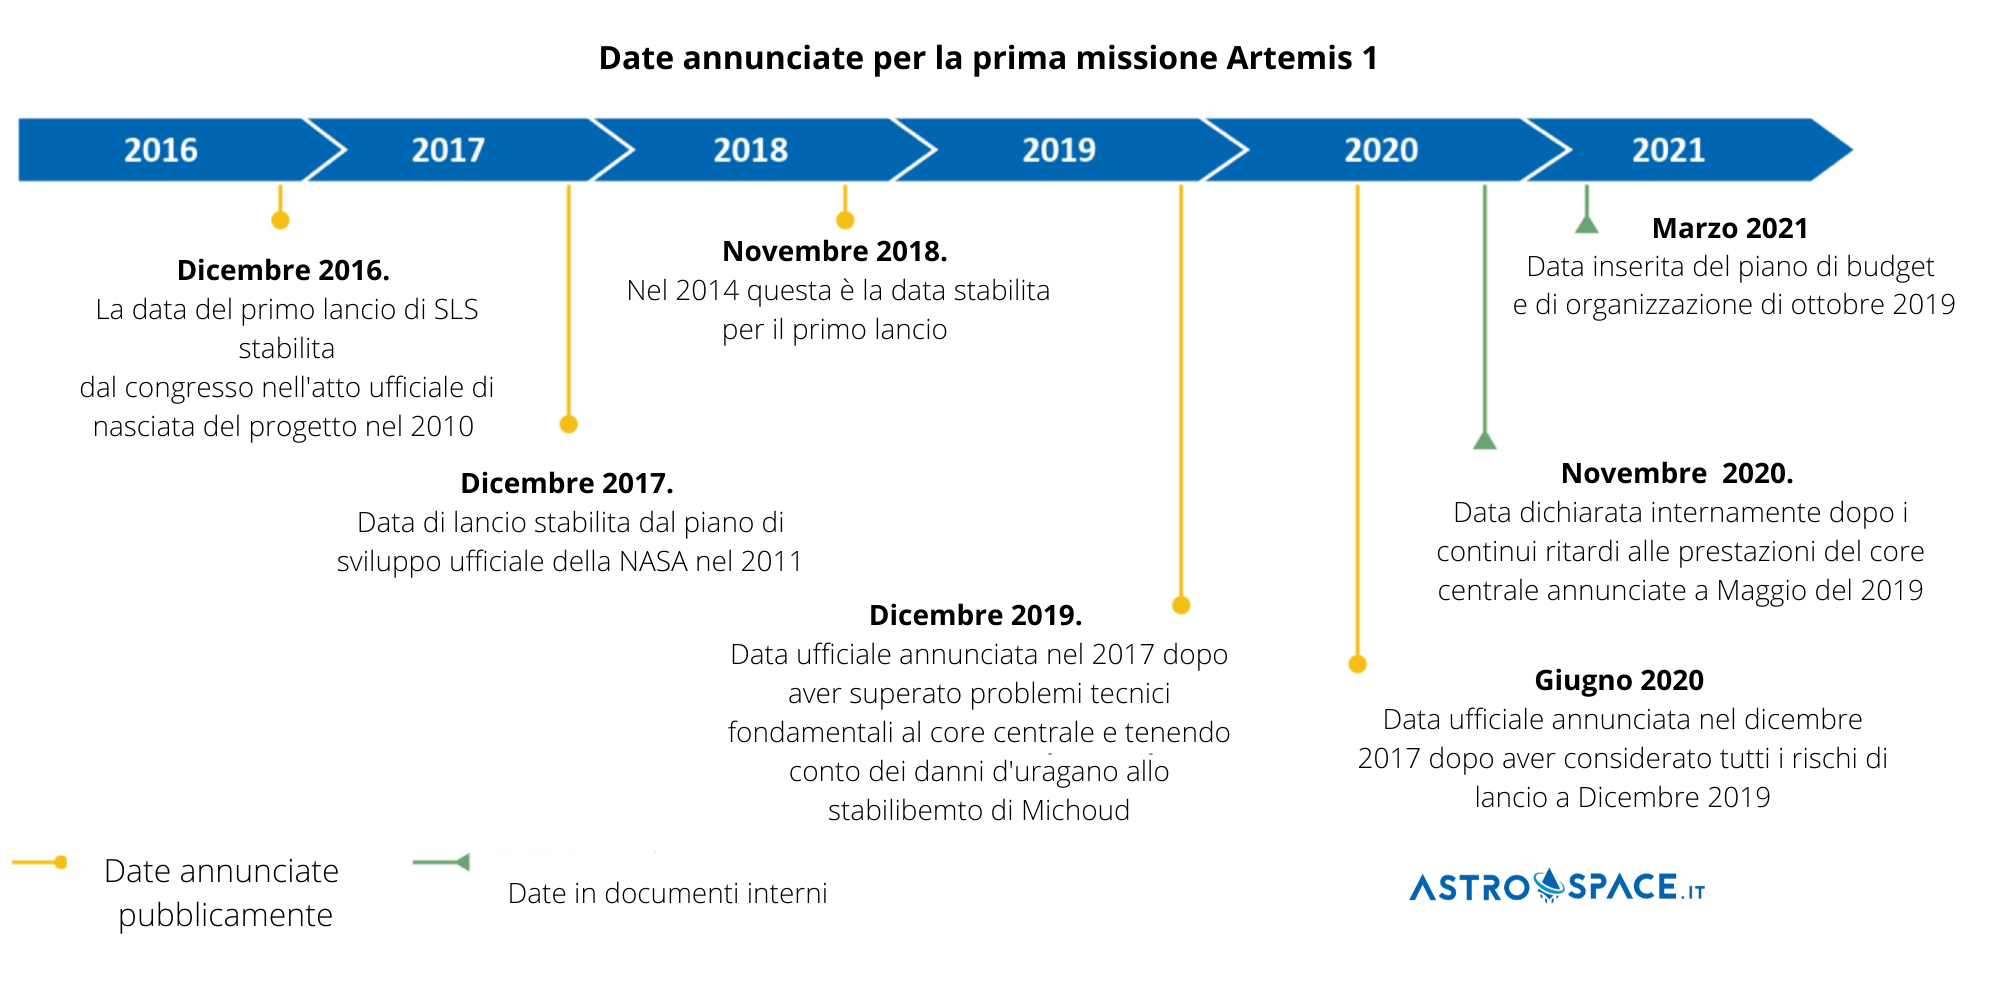 Date Artemis 1